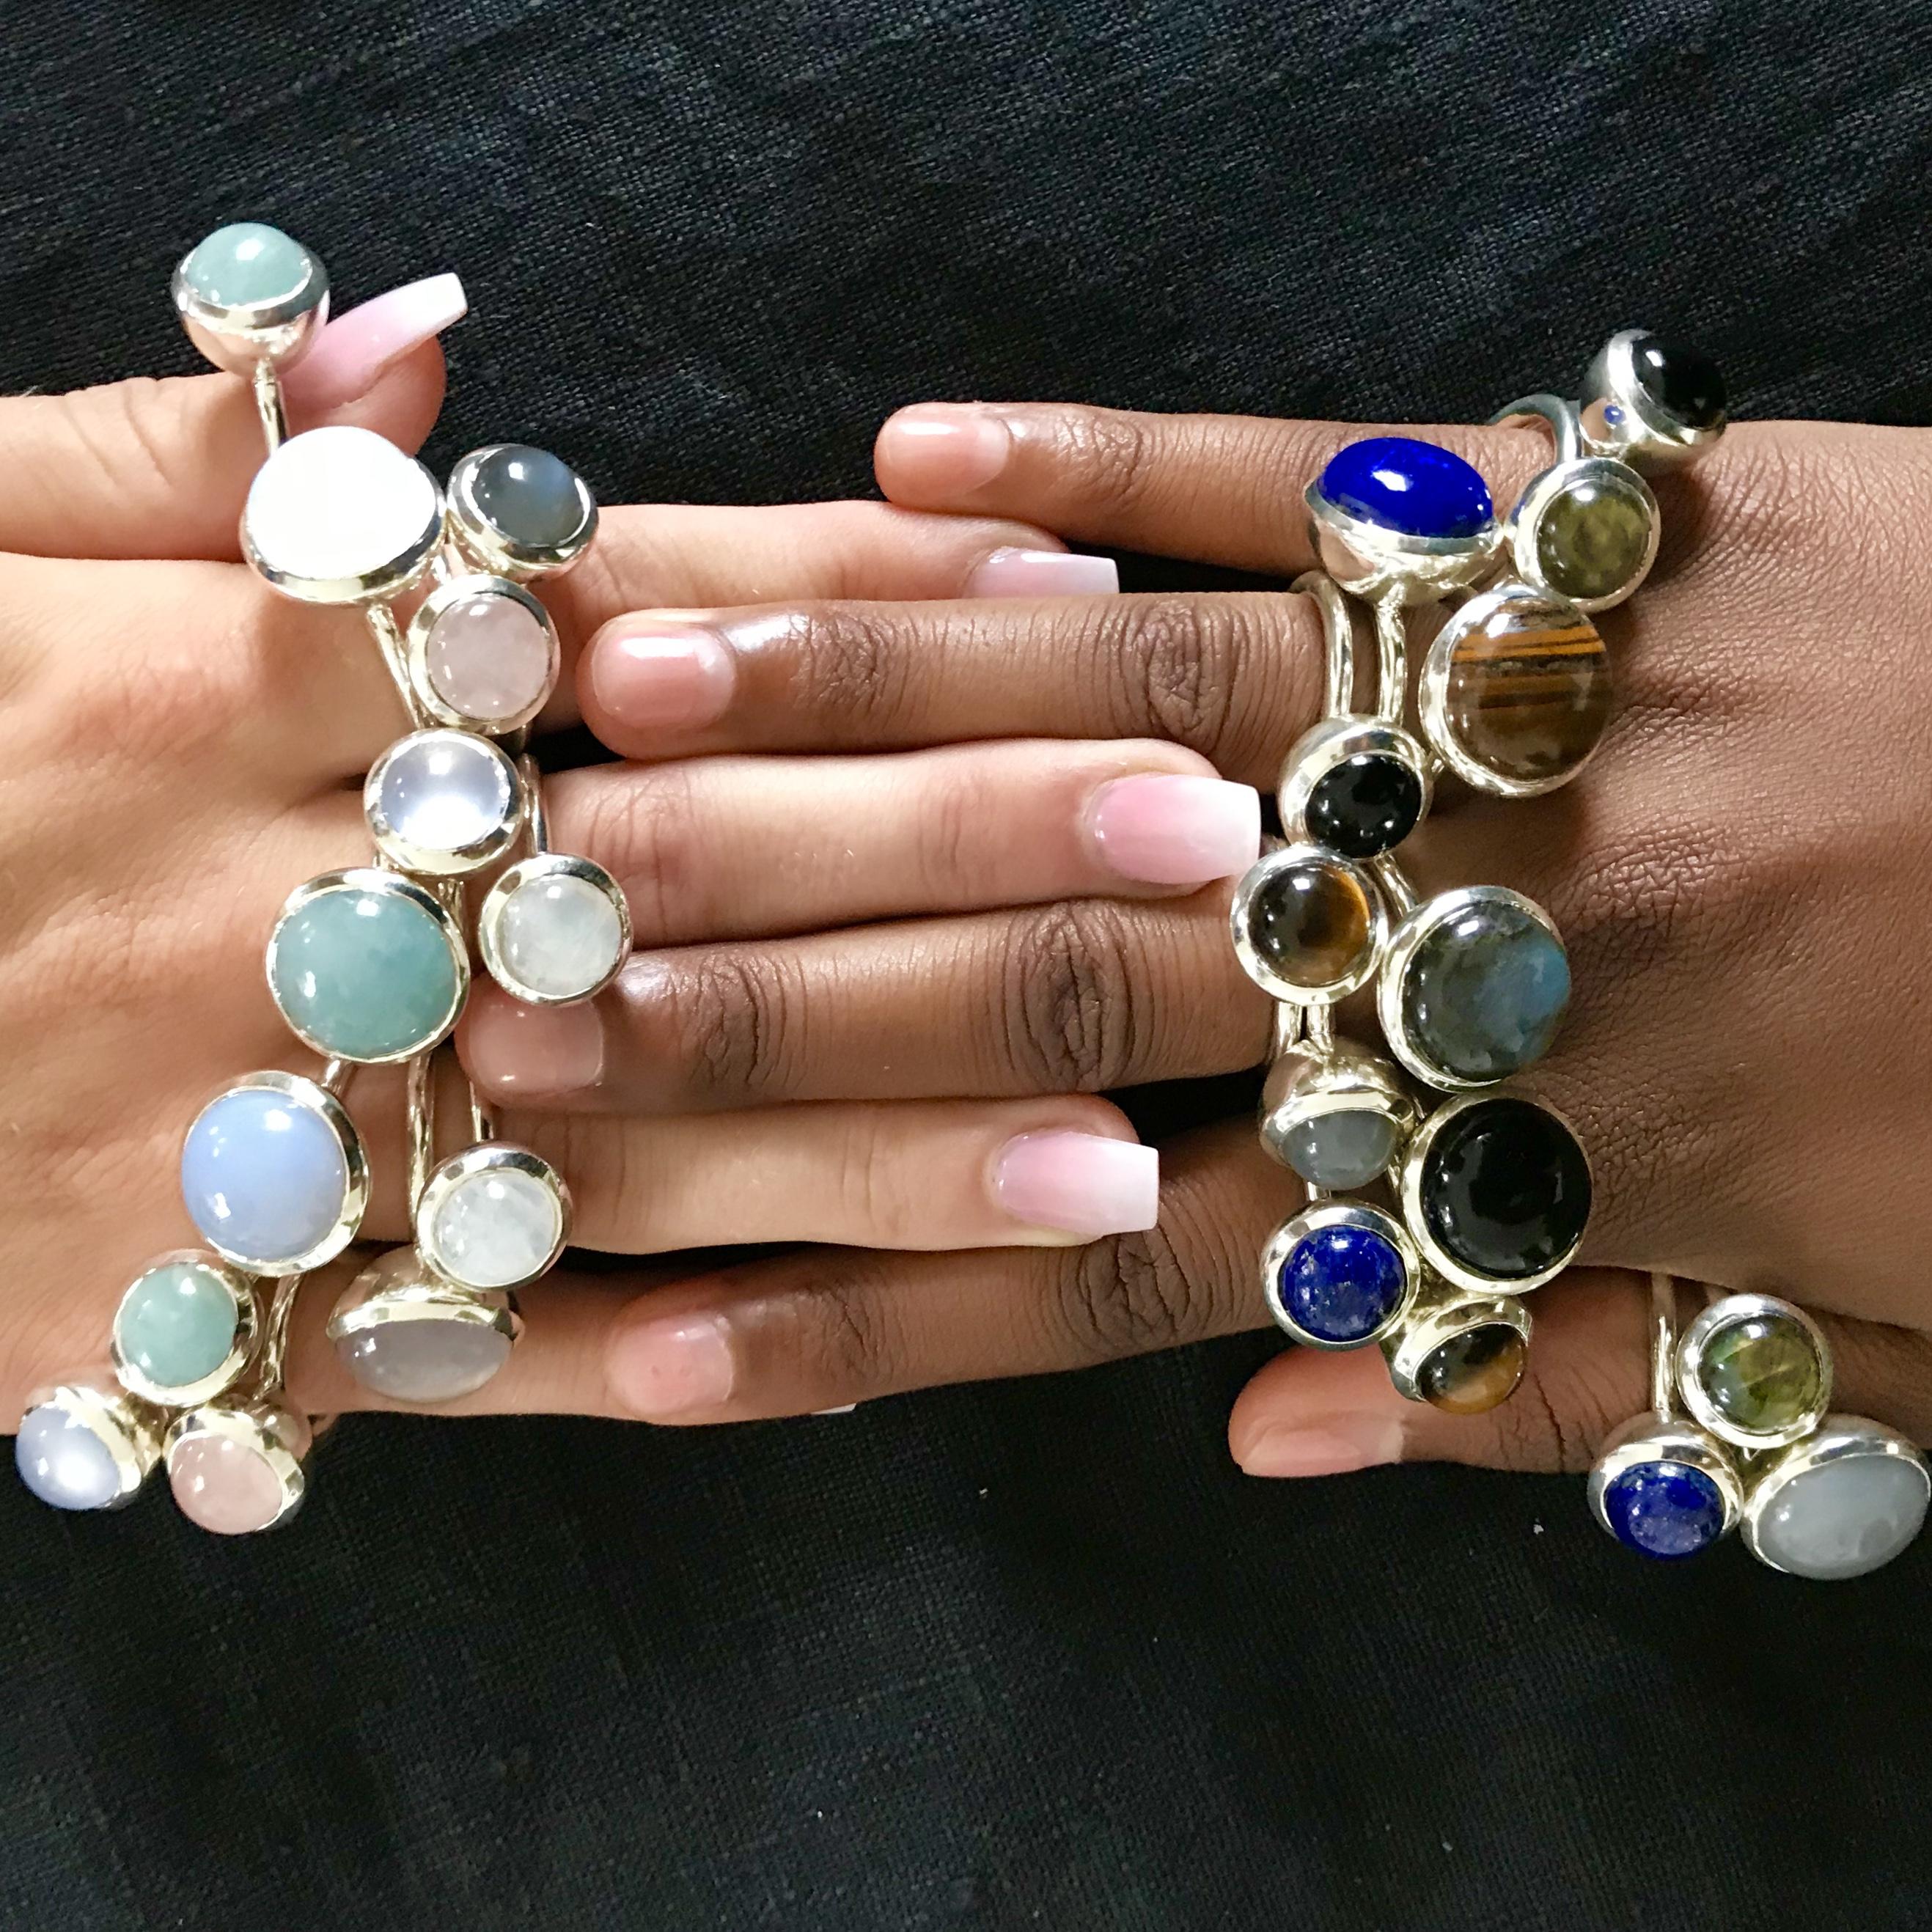 Två händer med massa ringar i olika färger och stenar. Two hands with many various stones and colors.